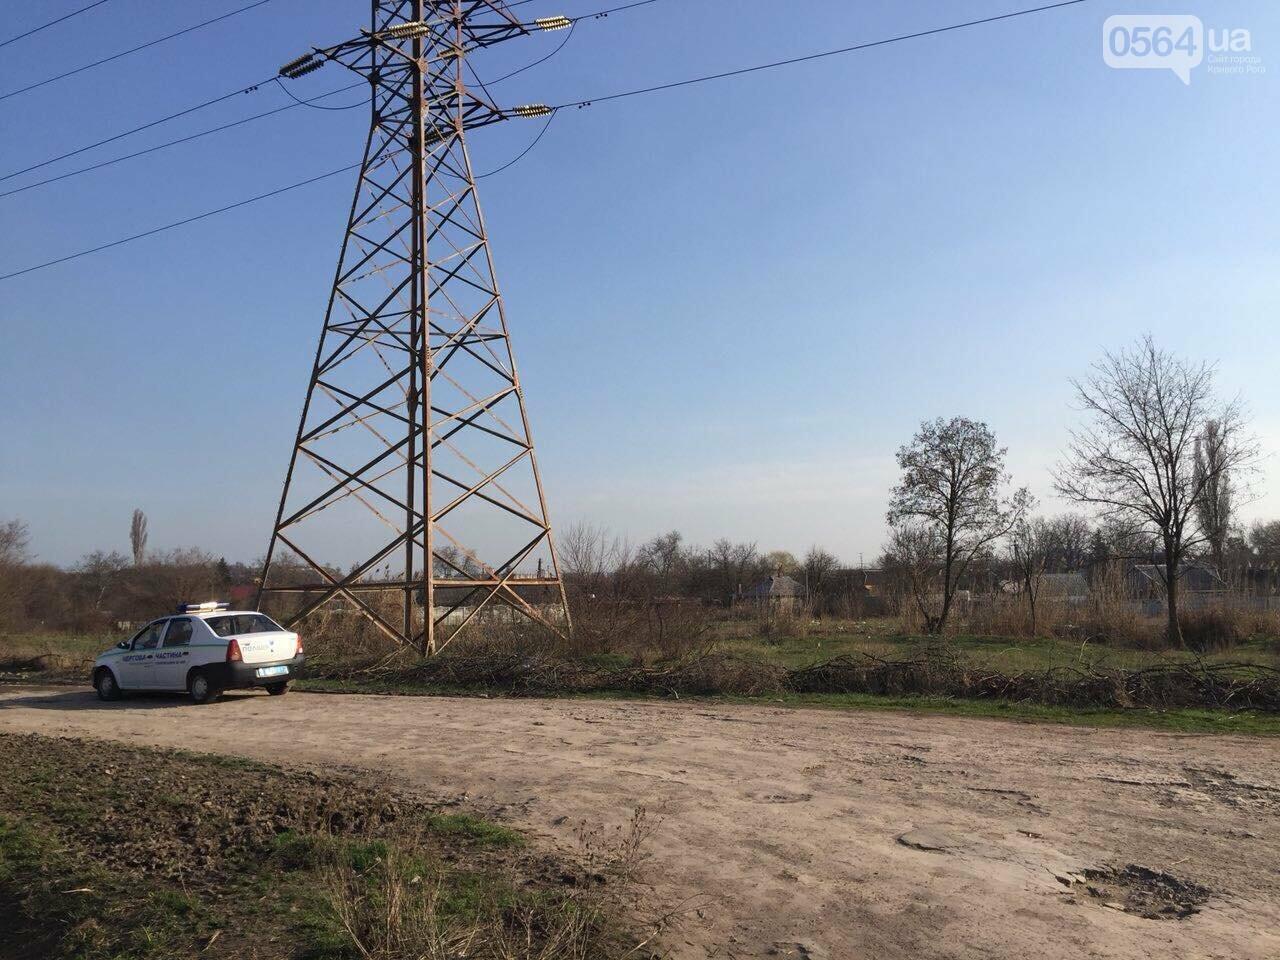 В Кривом Роге на болоте обнаружили труп мужчины (ФОТО 18+), фото-2